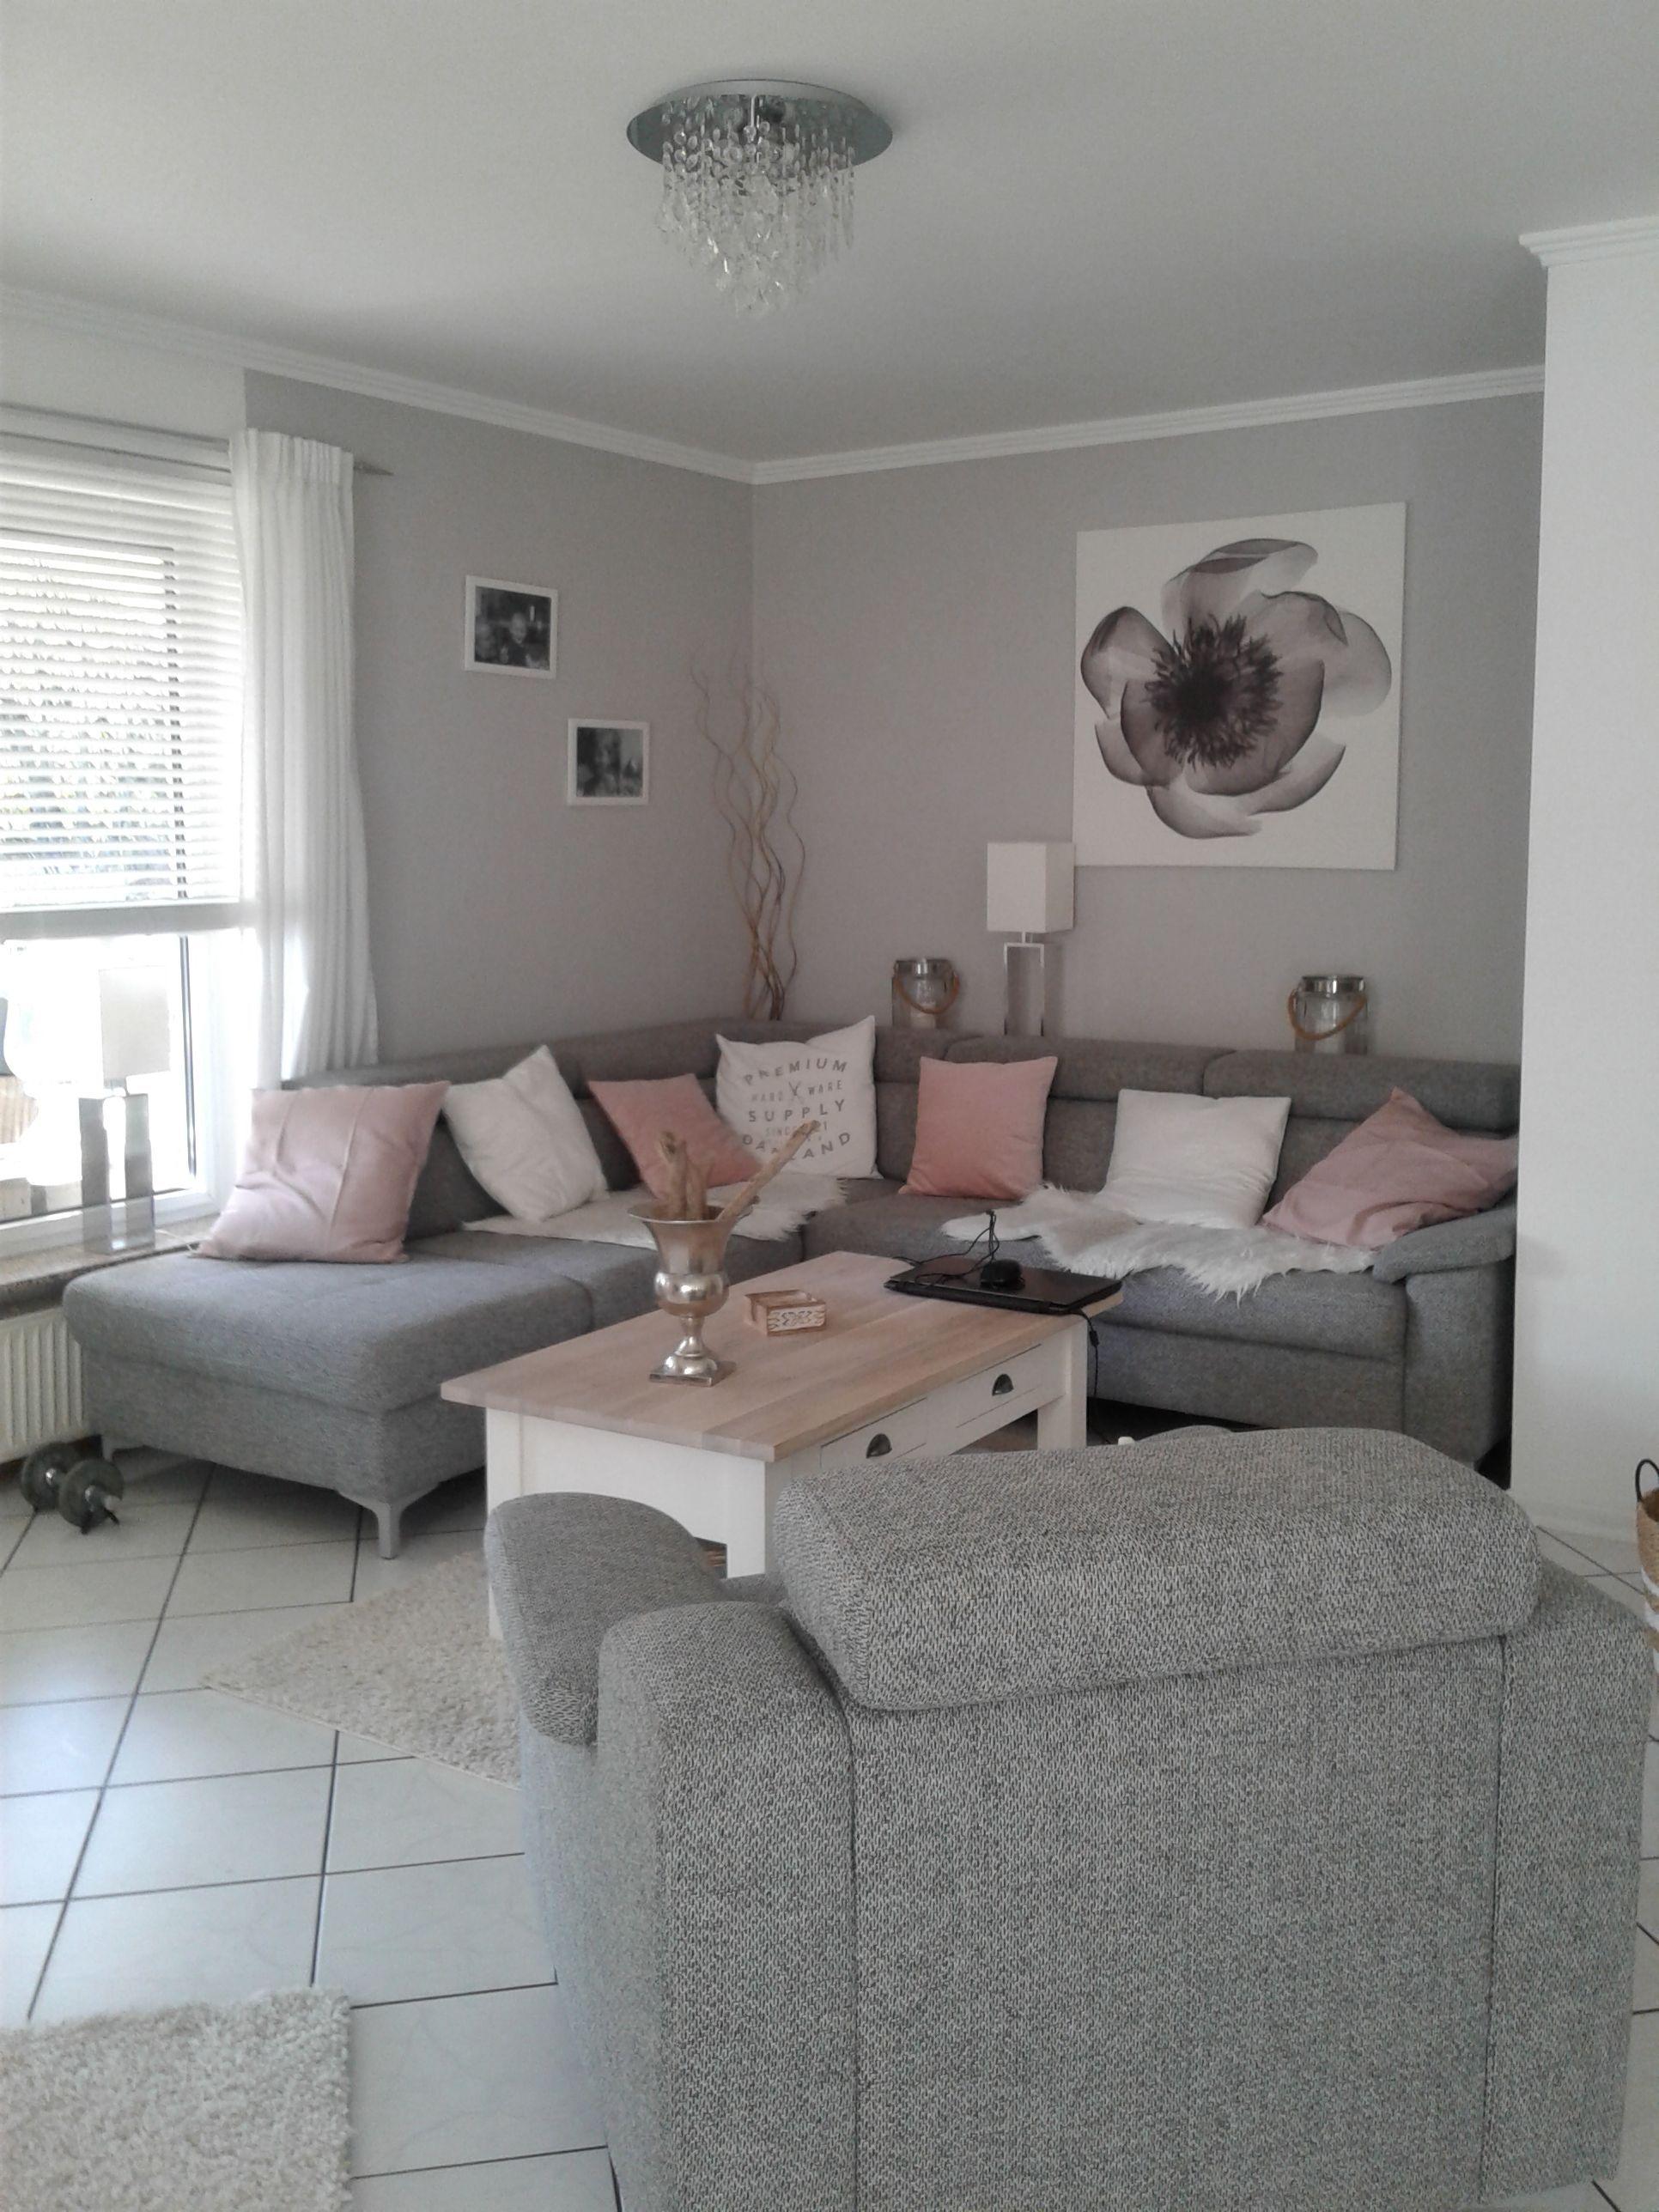 Wohnzimmer In Grau Weiss Und Farbtupfer In Matt Rosa